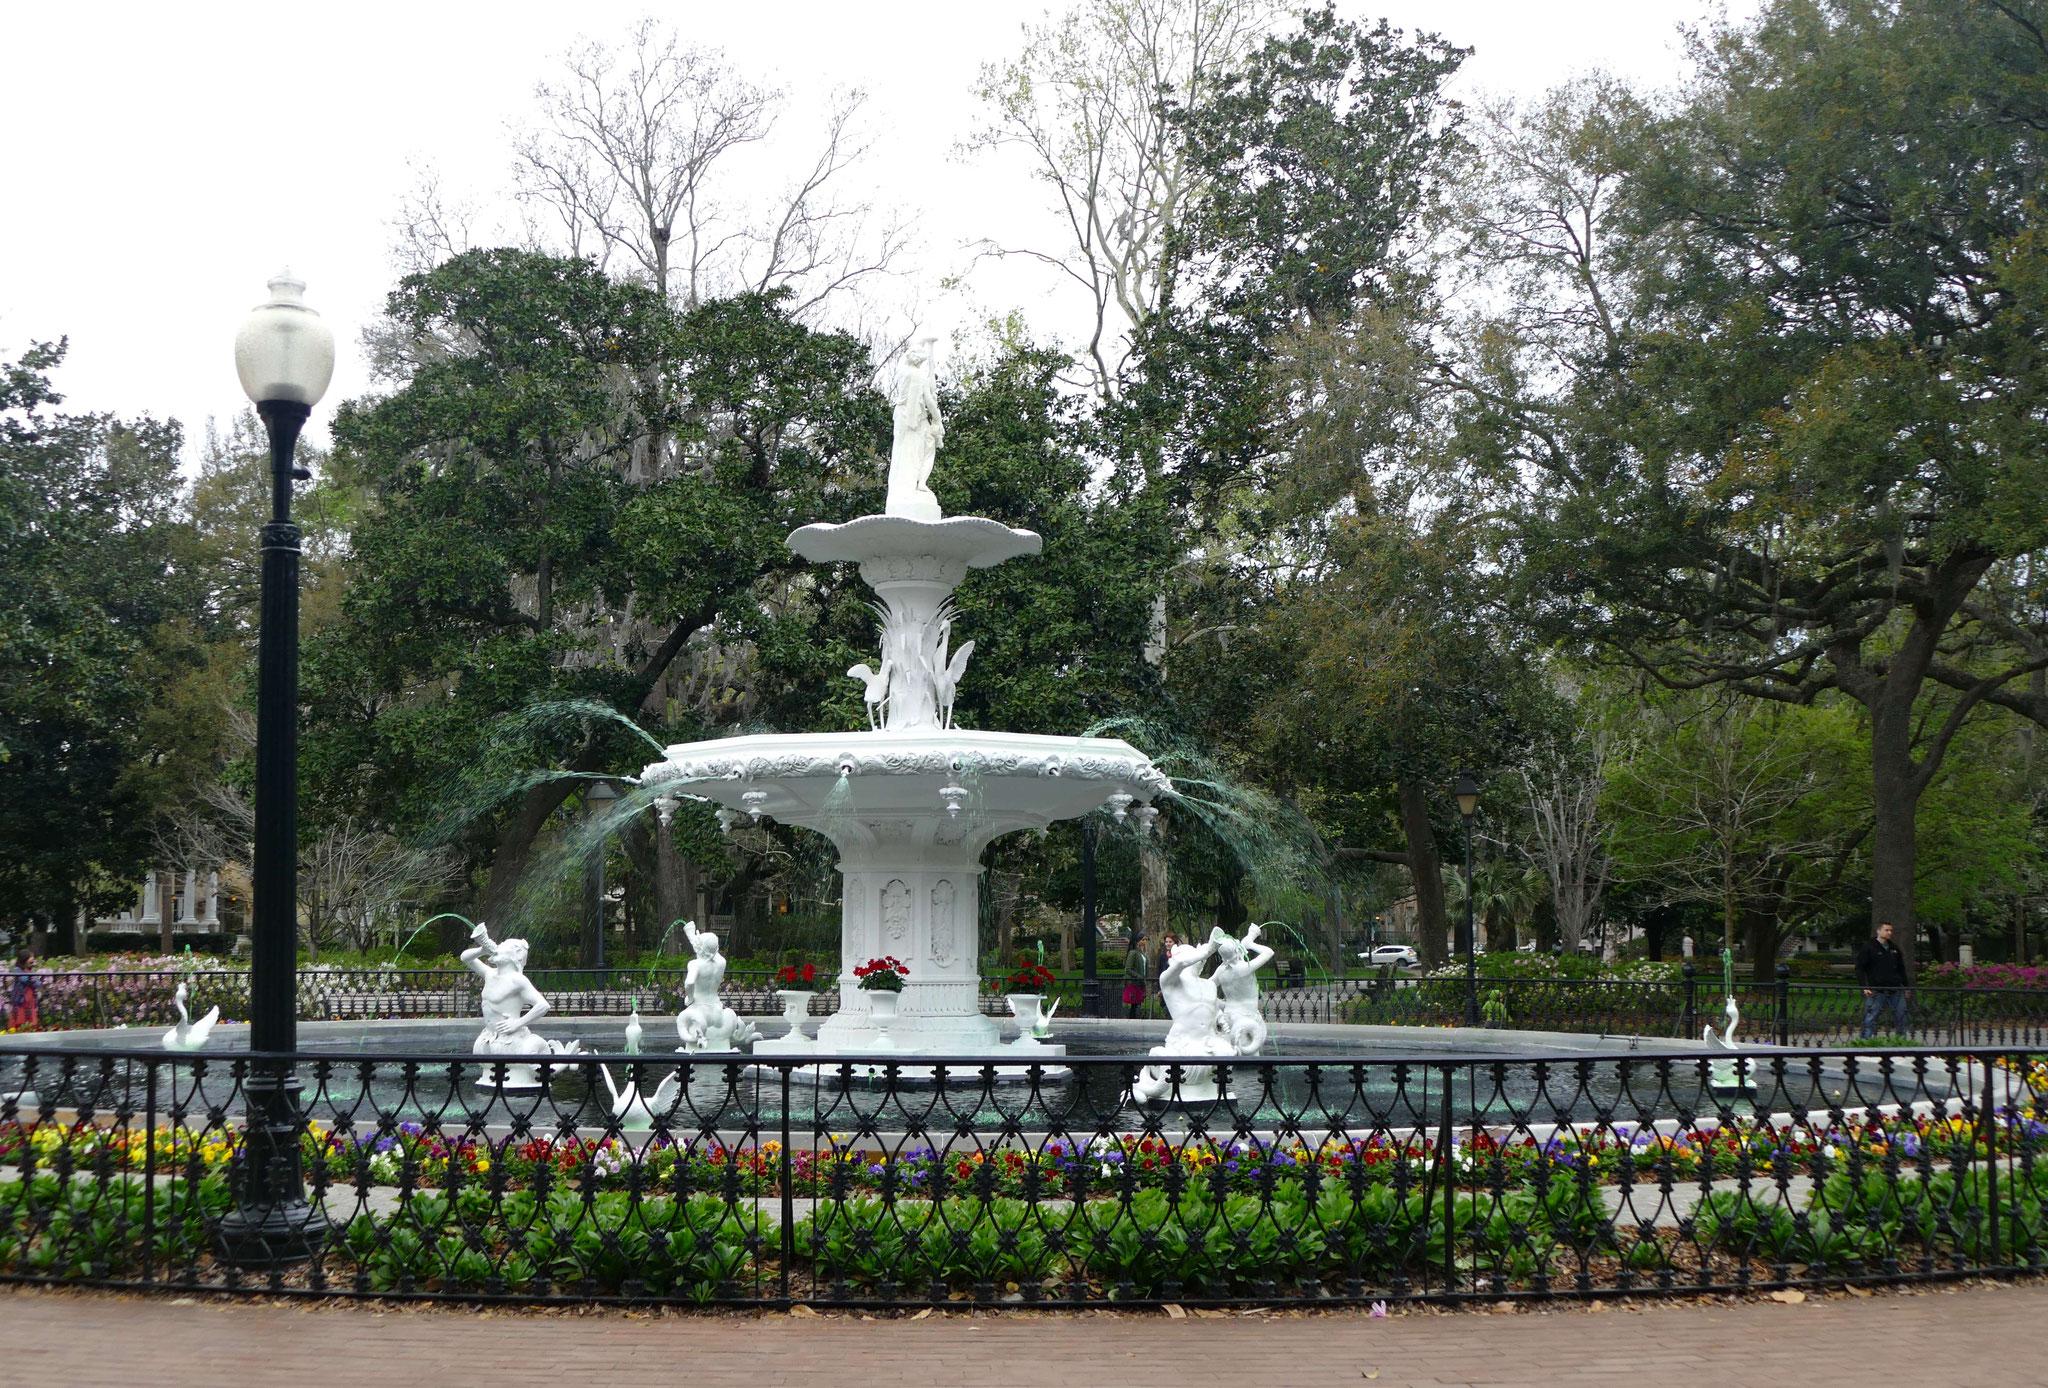 """Der Springbrunnen im Forsyth Park mit grünem Wasser zum St. Patricks Day_ein Ort aus dem Film """"Forrest Gump"""""""